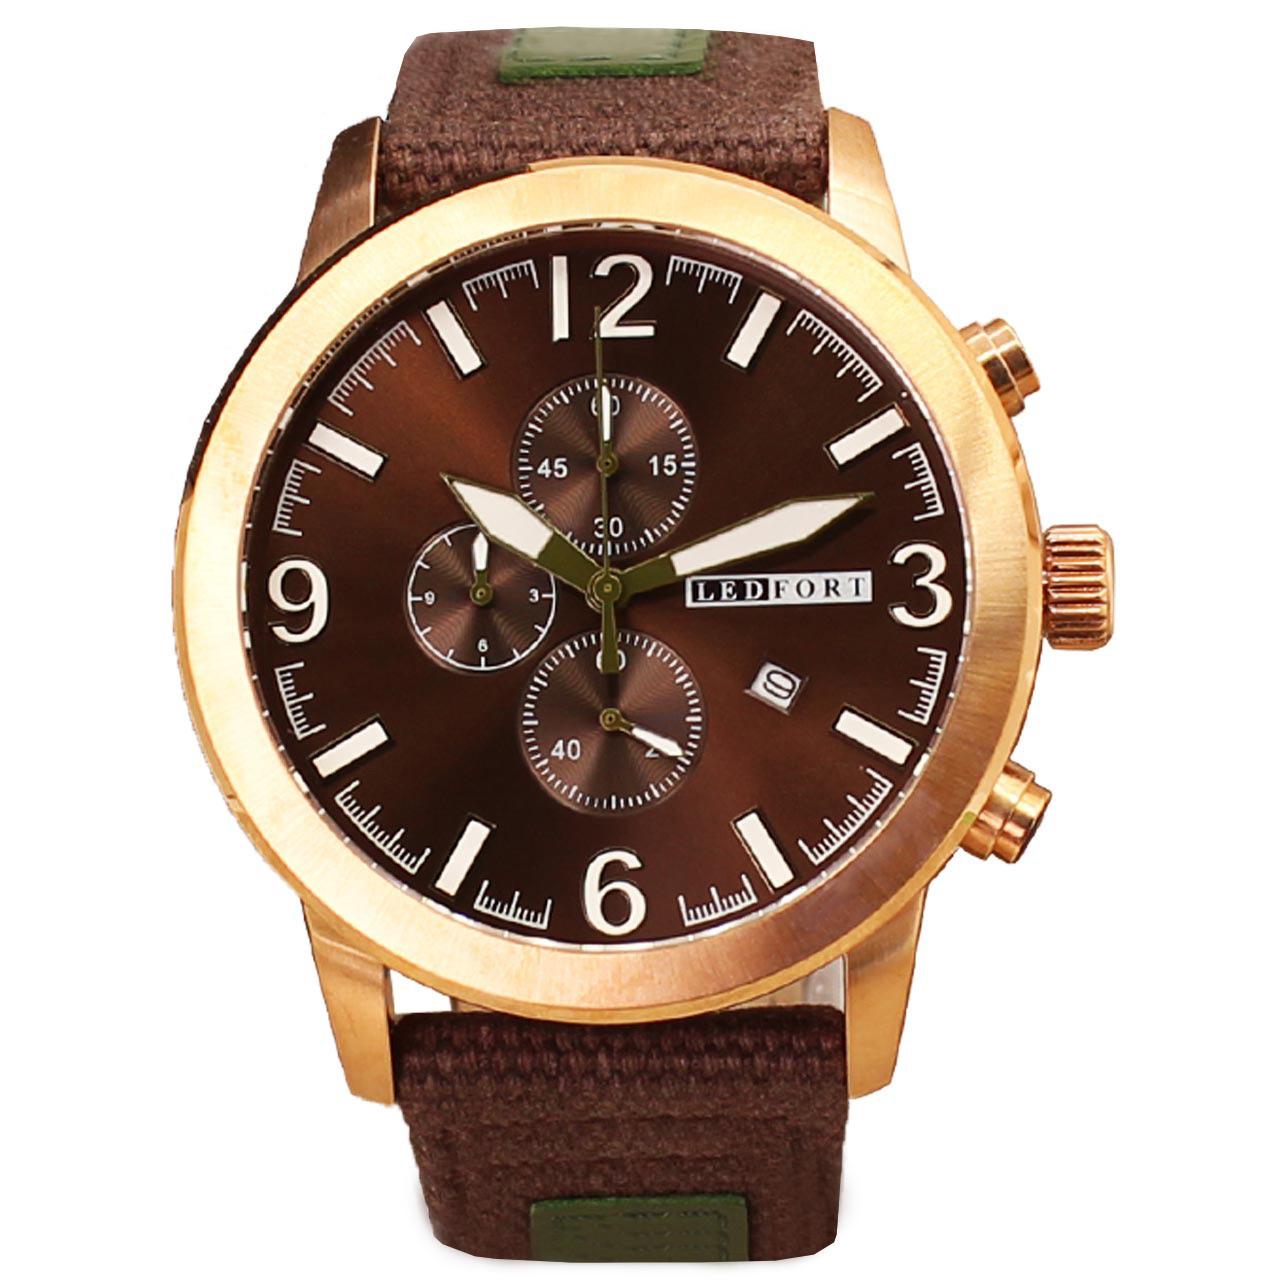 ساعت مچی عقربه ای مردانه لدفورت مدل کرنوگراف کد MK-0009